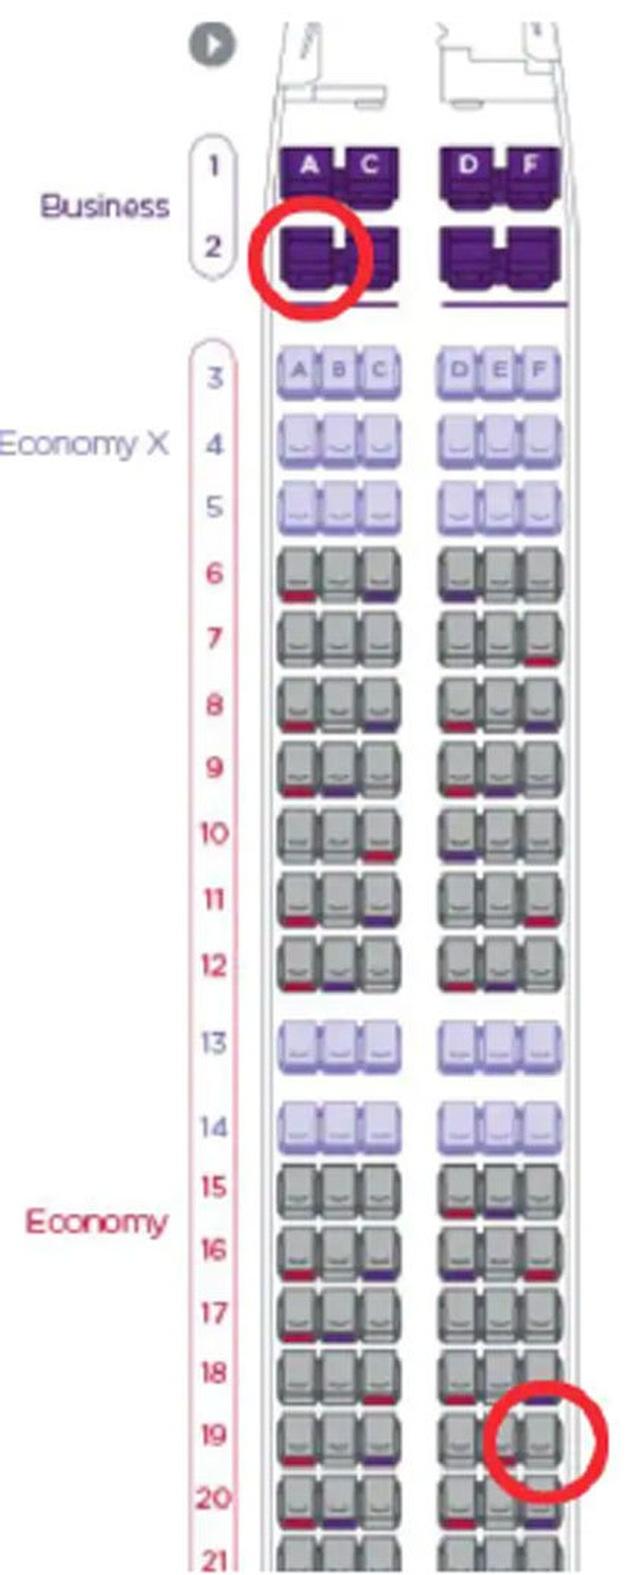 Đâu là hai vị trí ghế ngồi được hành khách đặt nhiều nhất trên máy bay? - 2